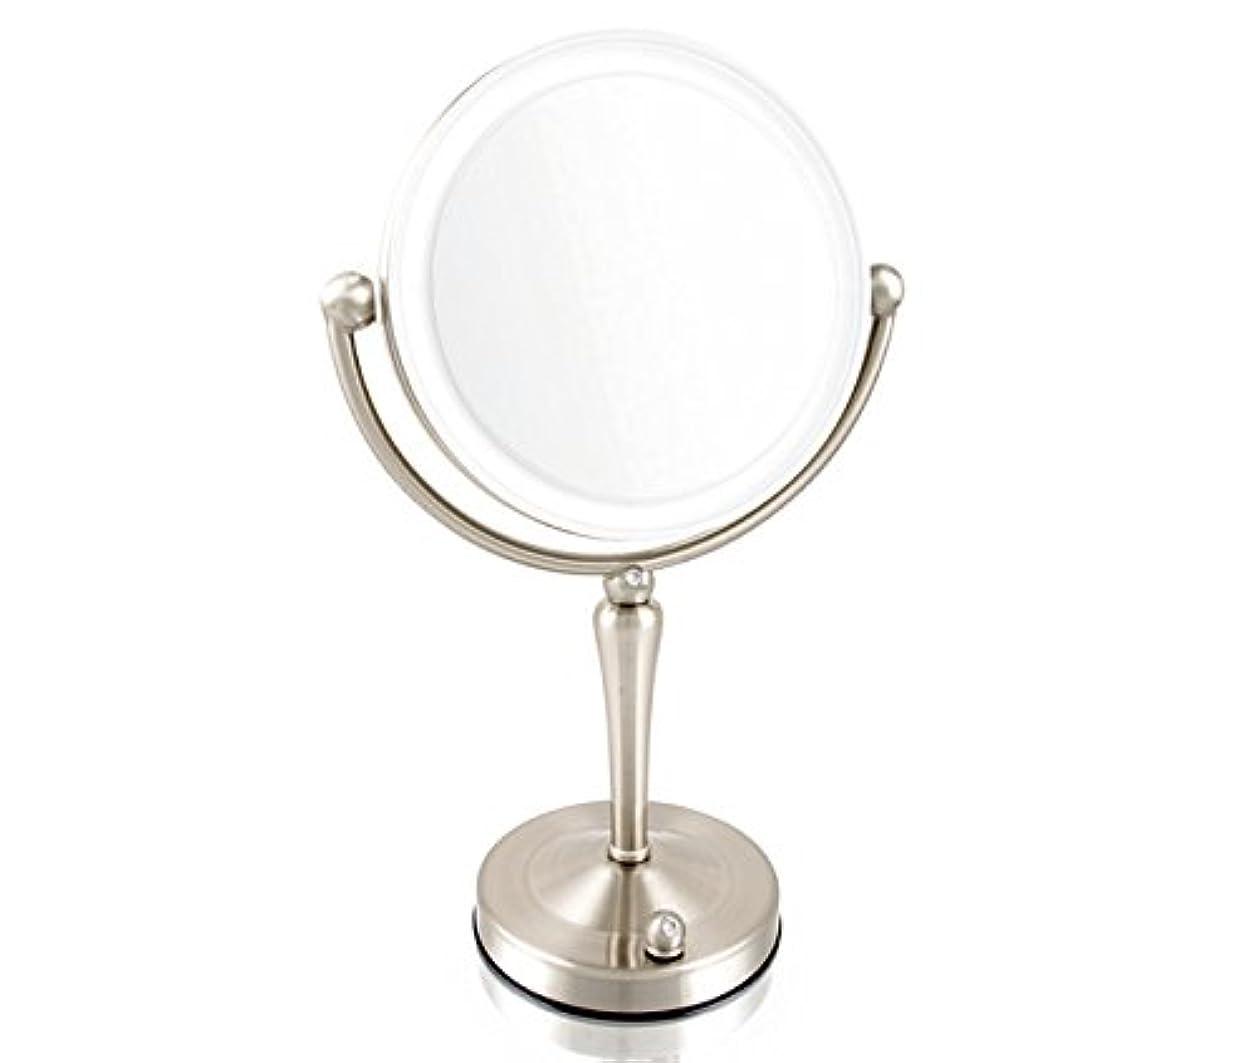 無駄に合理的年金受給者安もの拡大鏡とは見え方が全く違います!拡大鏡 5倍拡大+等倍鏡+LEDライト付き 真実の鏡DX 両面Z型 ブロンズ調 人気No.1両面型を真鍮仕上げとジルコニアで高級感UP。シミ?しわ?たるみ?毛穴が驚くほど良く見える拡大鏡を、くるっと返せば等倍鏡でとっても便利!